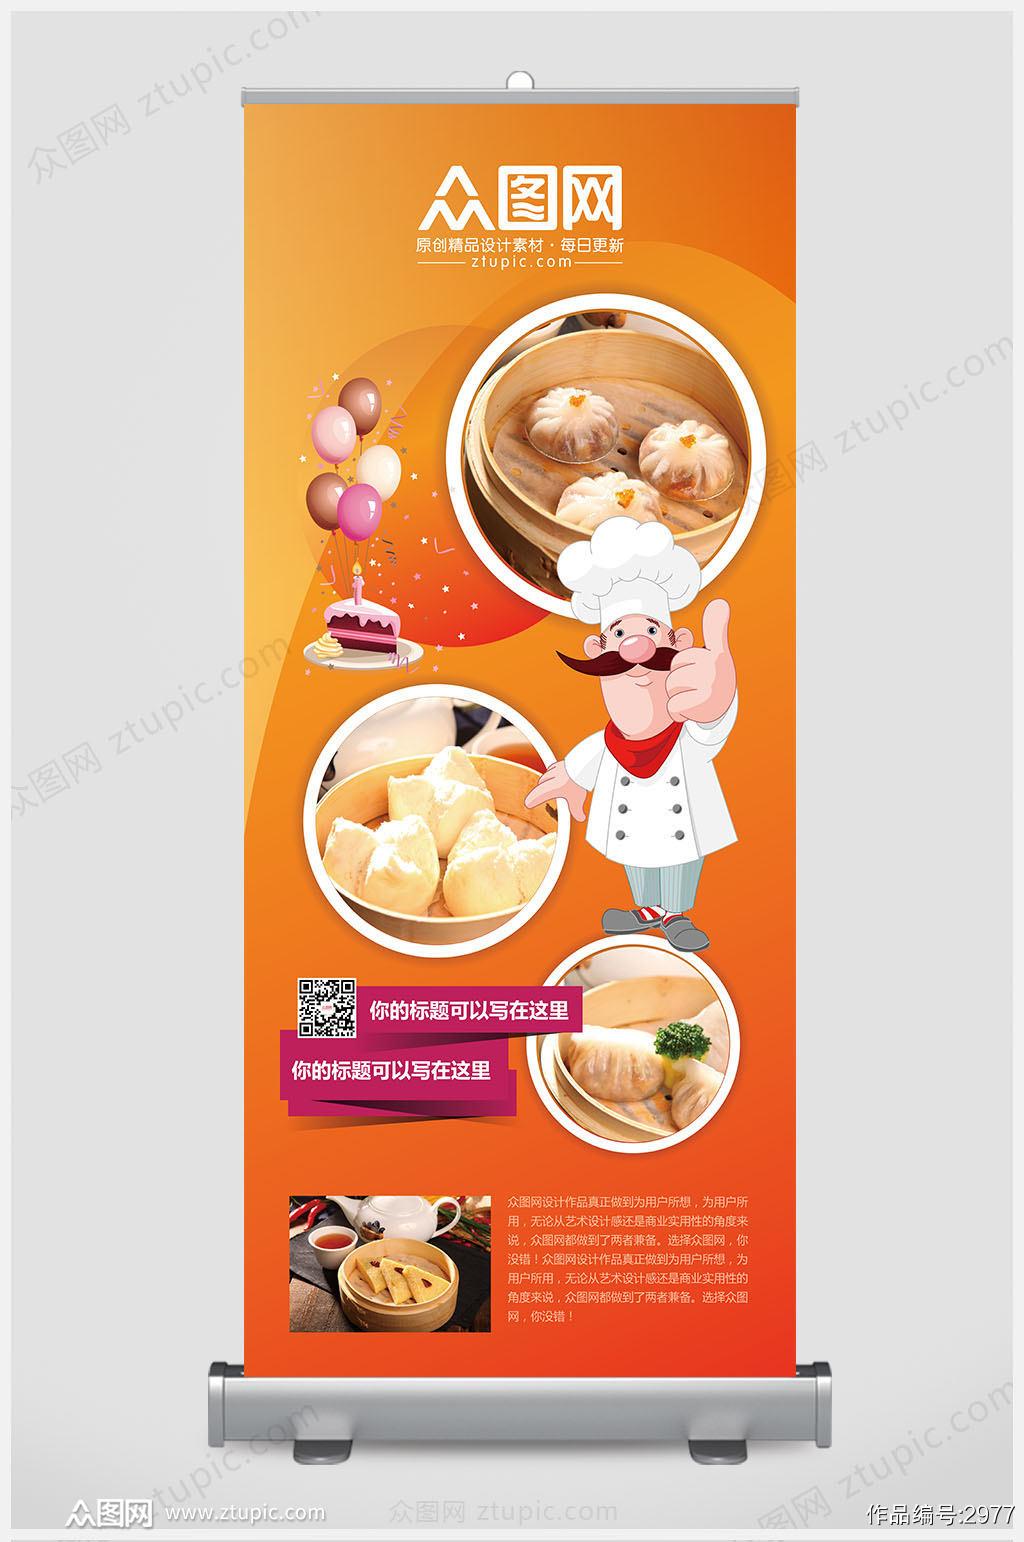 美味蛋糕宣传展架易拉宝素材